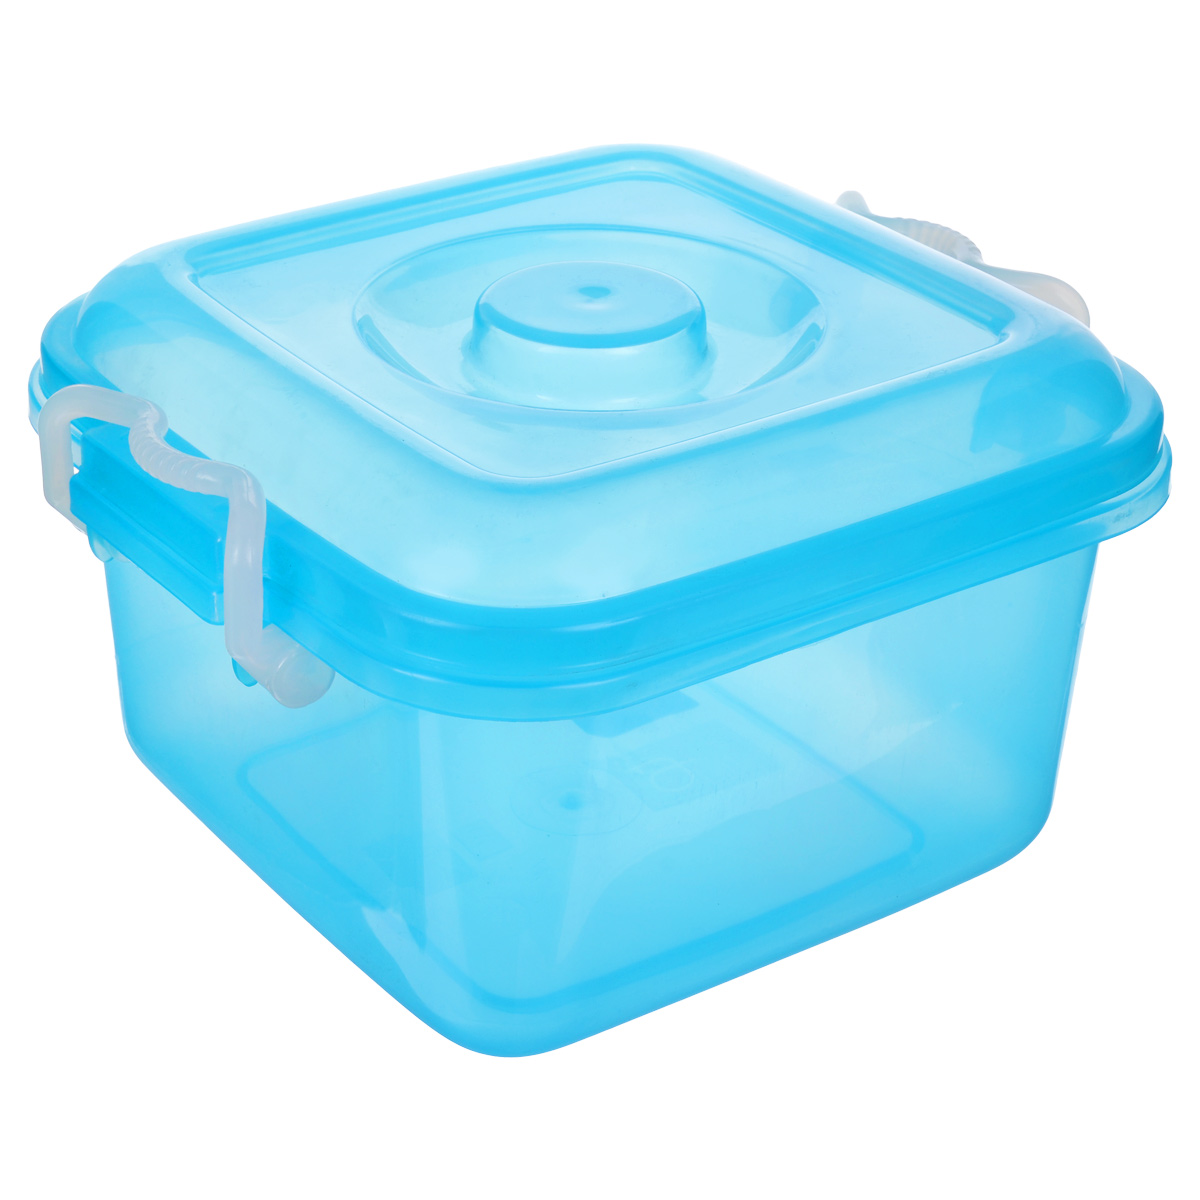 Контейнер для хранения Idea Океаник, цвет: голубой, 6 лCLP446Контейнер Idea Океаник выполнен из полупрозрачного цветного пластика, предназначен для хранения различных вещей и мелких аксессуаров.Контейнер снабжен плотно закрывающейся крышкой со специальными боковыми фиксаторами. Объем контейнера: 6 л.